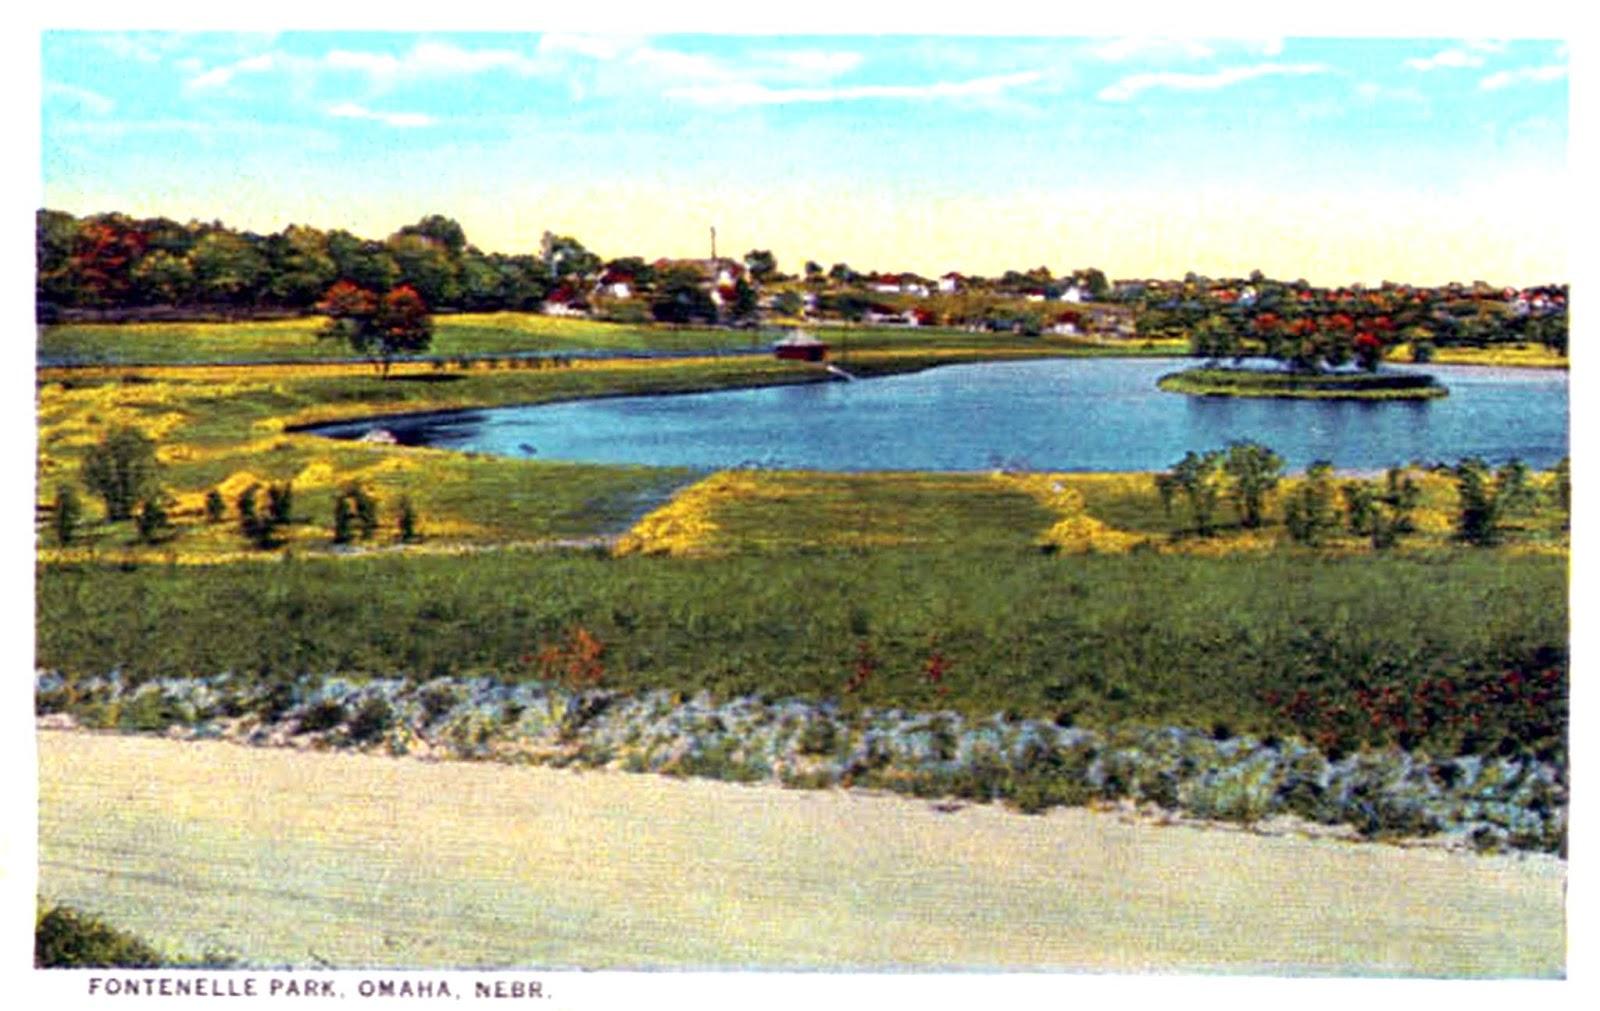 Fontenelle Park Lagoon, North Omaha, Nebraska